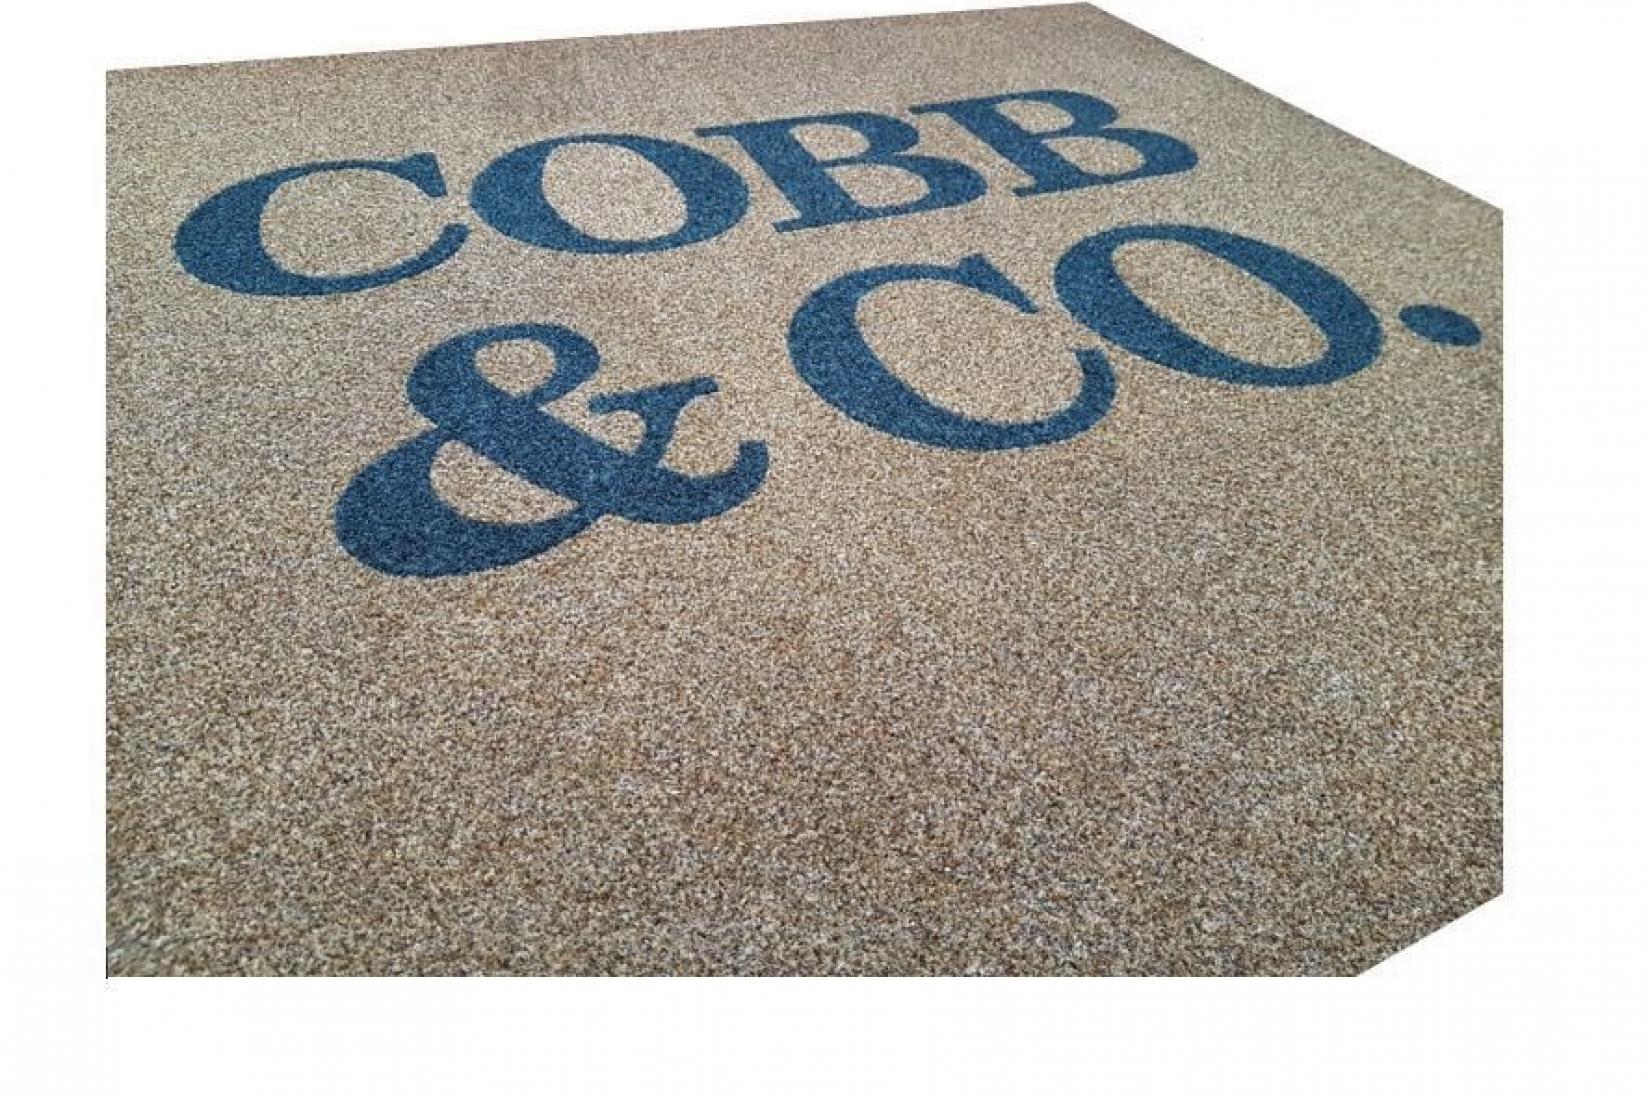 Cobb & Co.